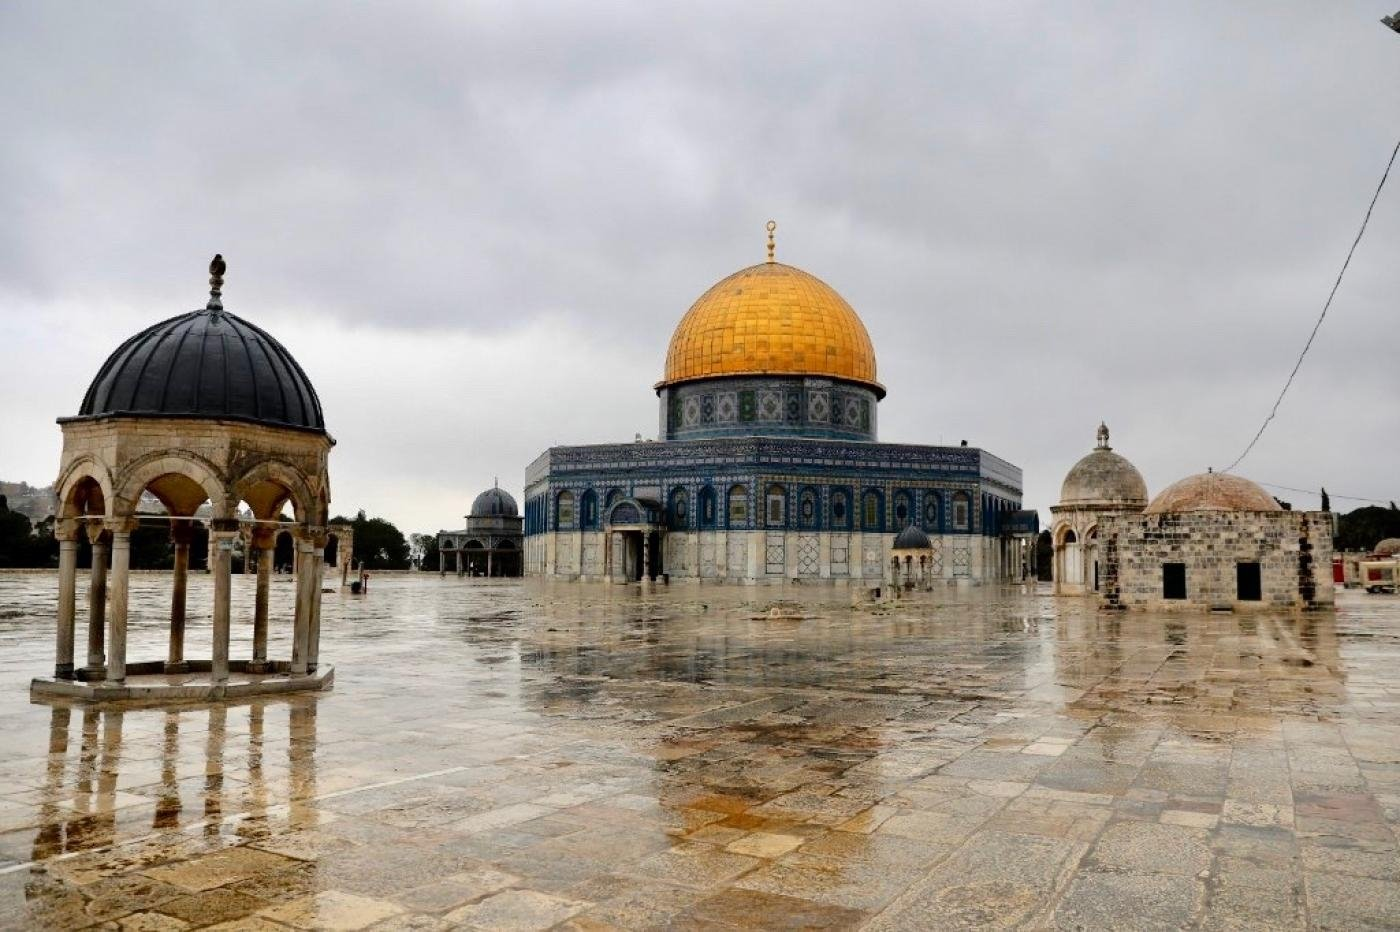 Turquia visa Monte do Templo em Jerusalém após converter basílica em mesquita